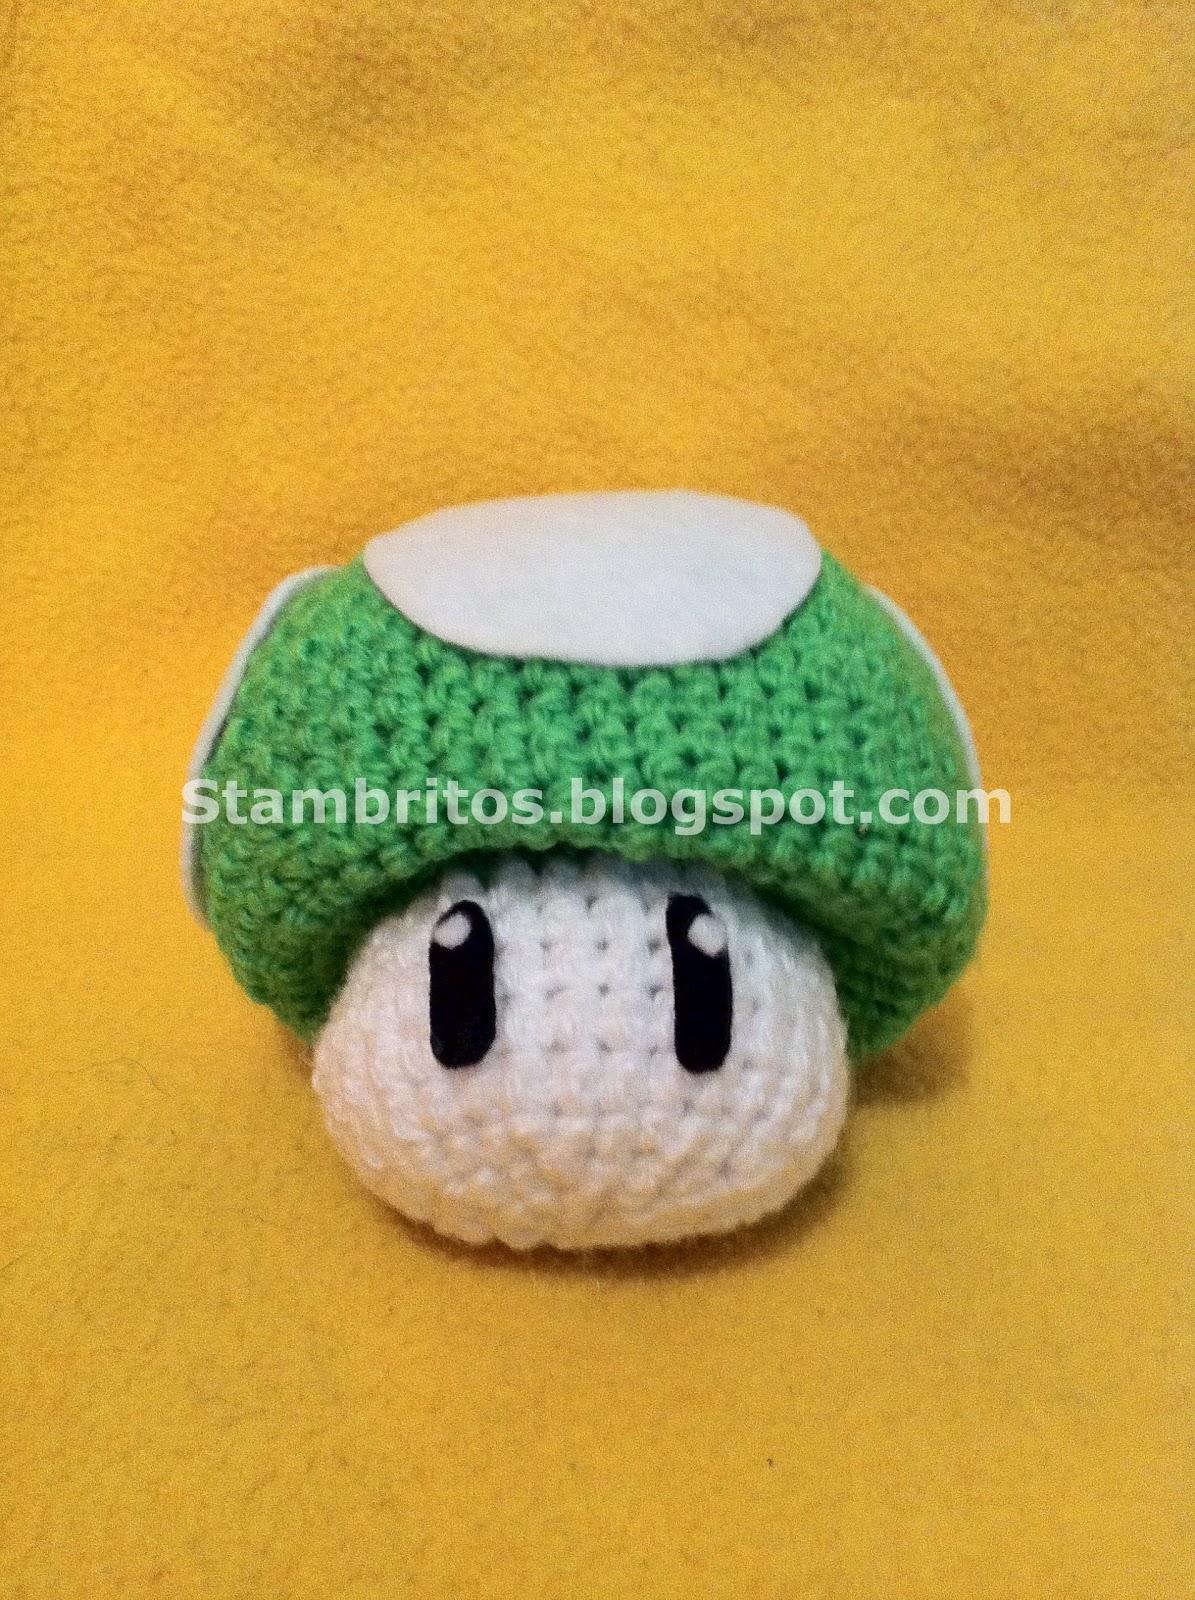 Amigurumi Hongo Mario Bros : Stambritos Inc: Mario Bros Hongo